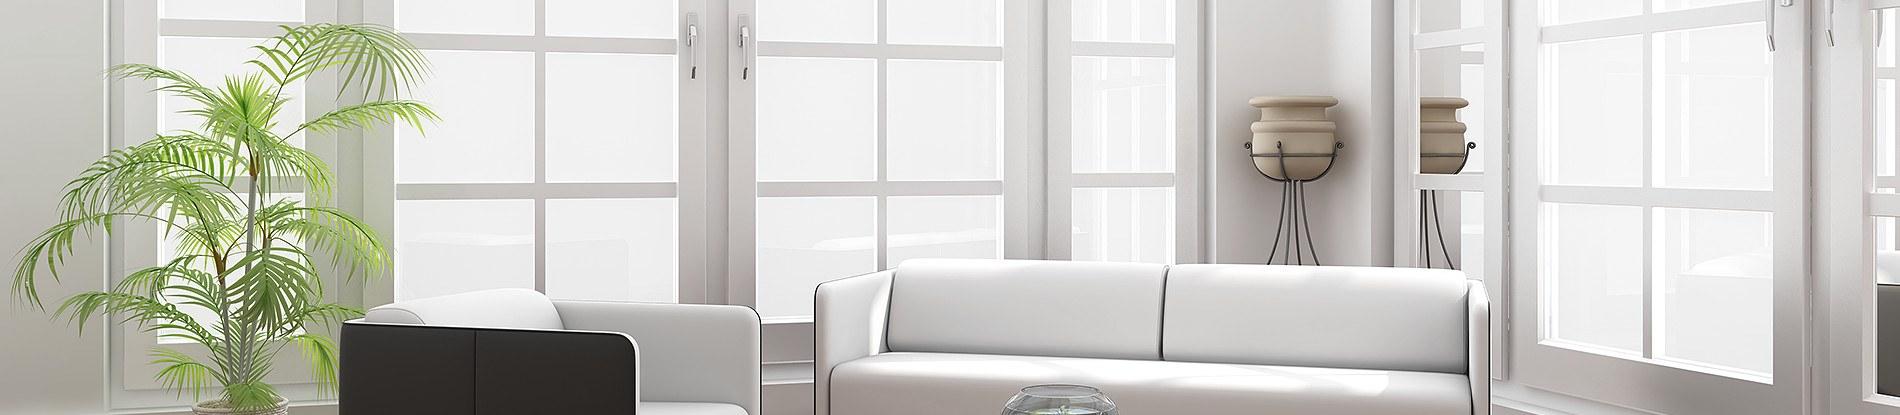 Full Size of Aluplast Fenster Erfahrungen Kaufen Test Polen Meinungen Erfahrungsberichte Testbericht Justieren Forum Hersteller Aus Preise Online Erfahrung Einstellen Fenster Aluplast Fenster